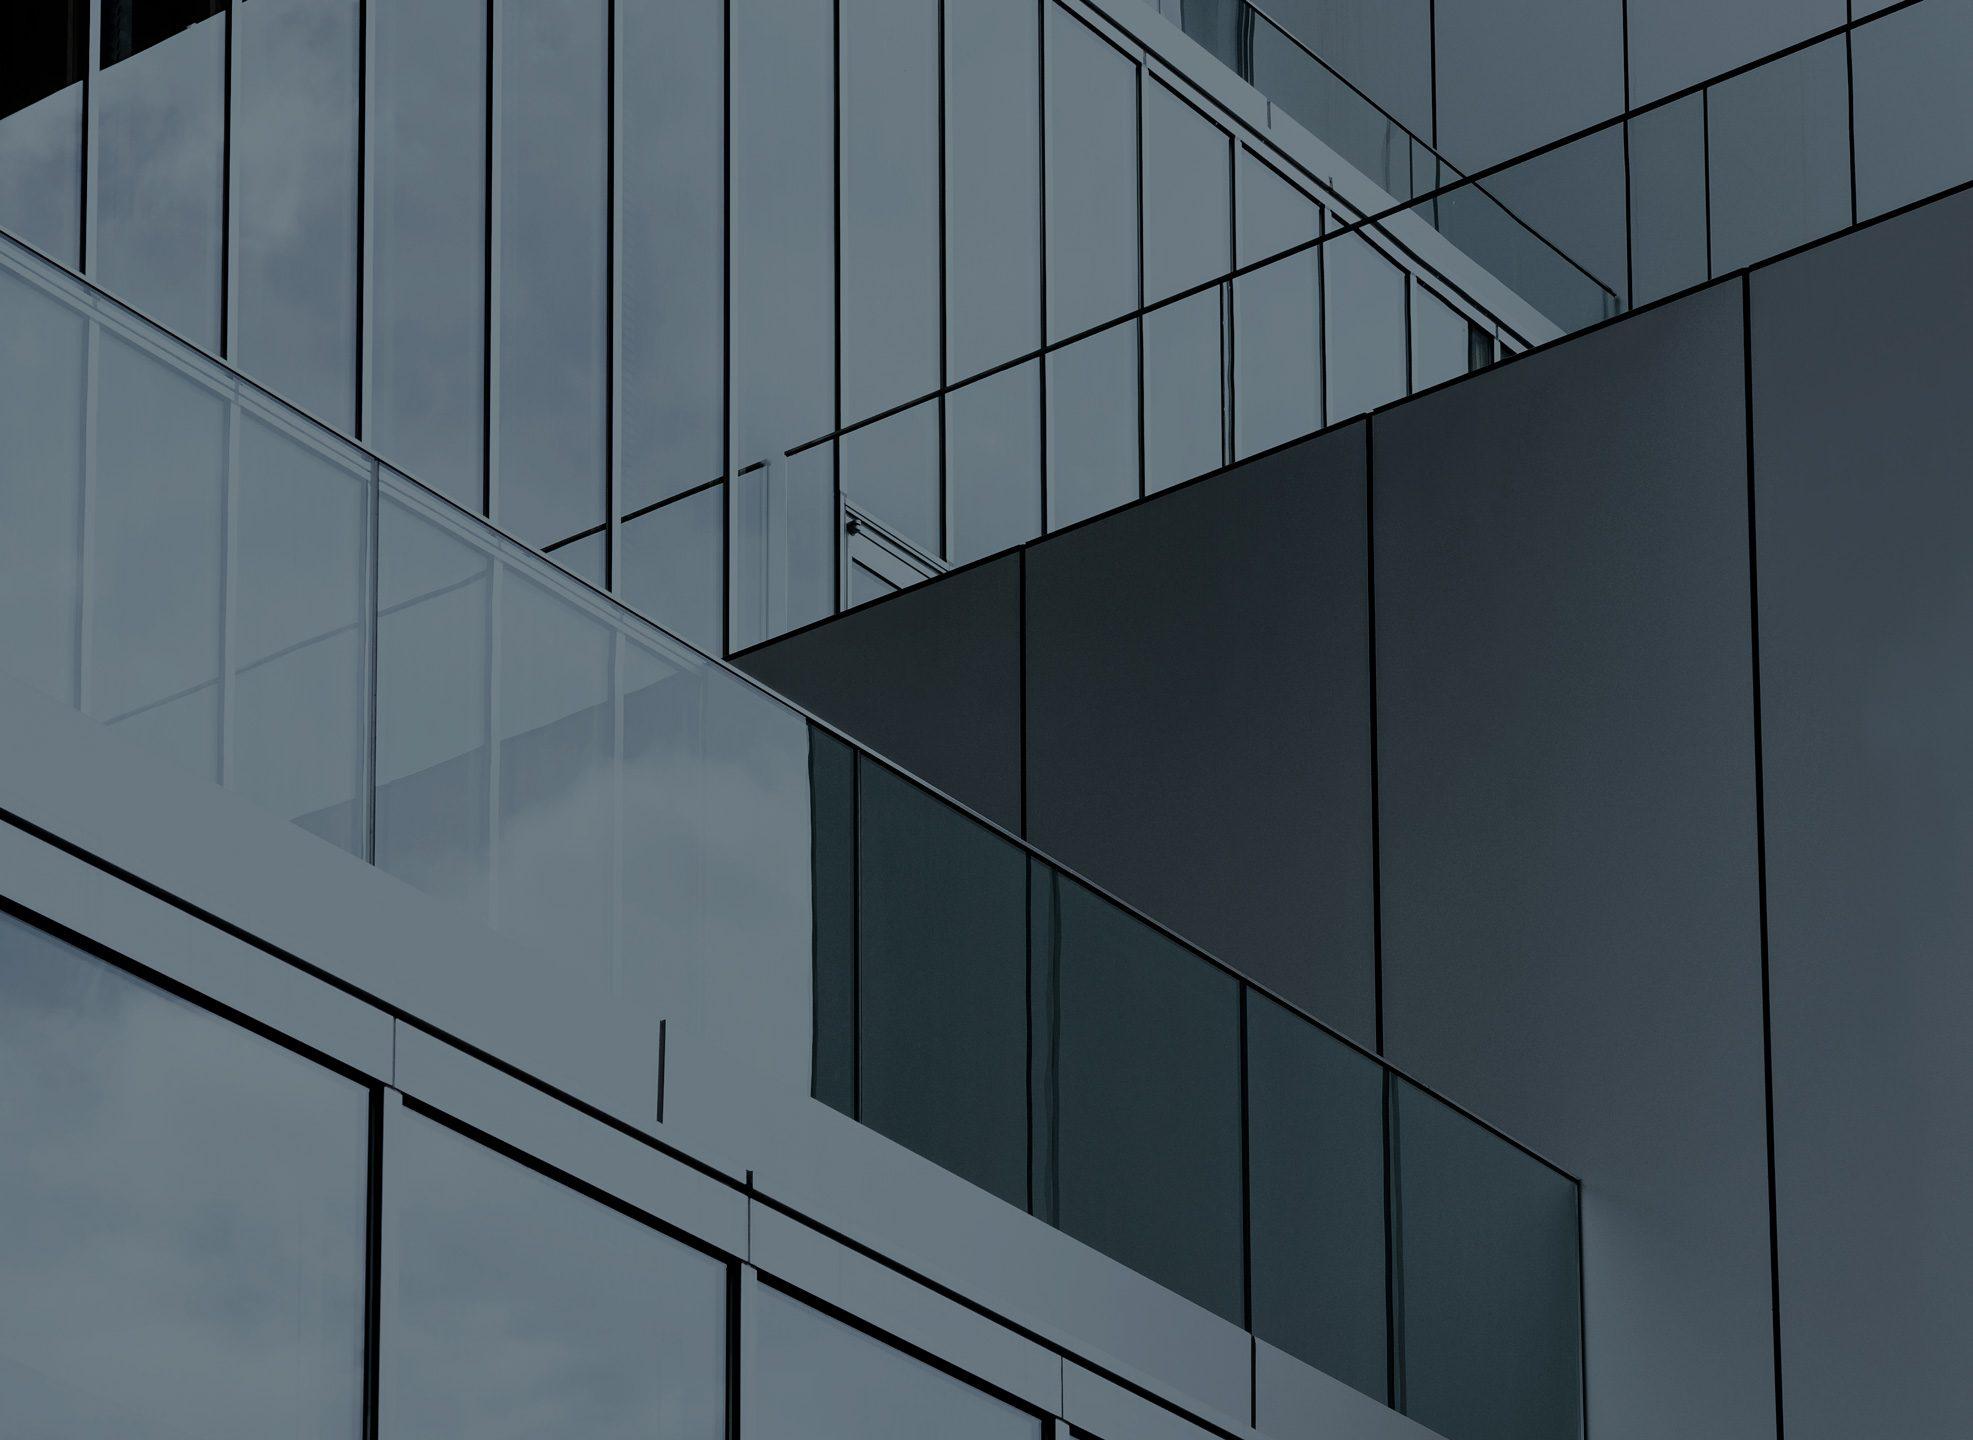 Jebens Mensching berät QUEST Investment Partners und AXA IM Alts beim Kauf eines Bürogebäudes in Berlin-Mitte